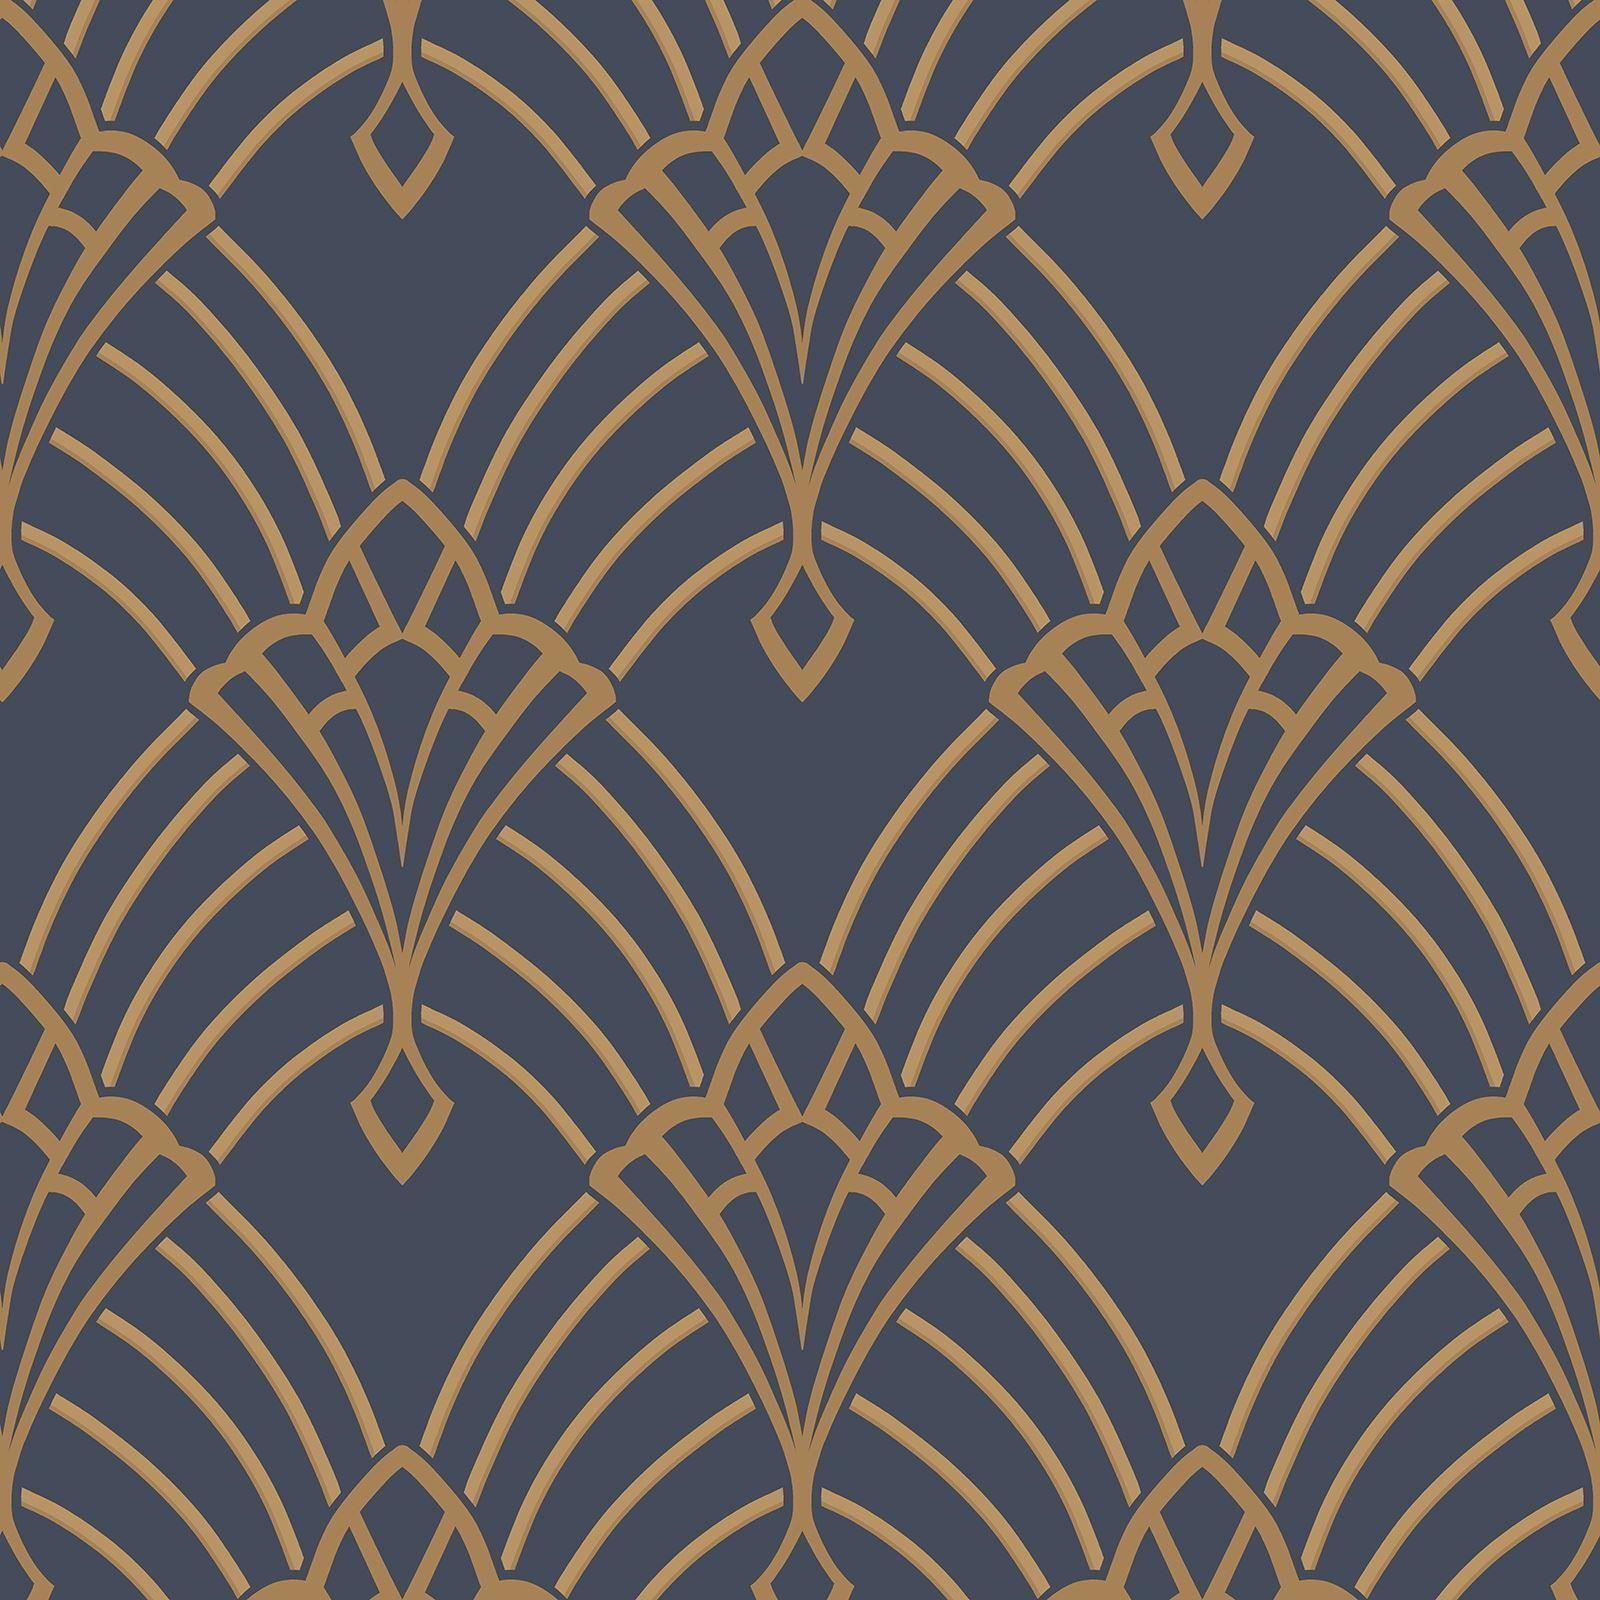 Astoria deco wallpaper dark blue and gold rasch 305340 feature 1600x1600